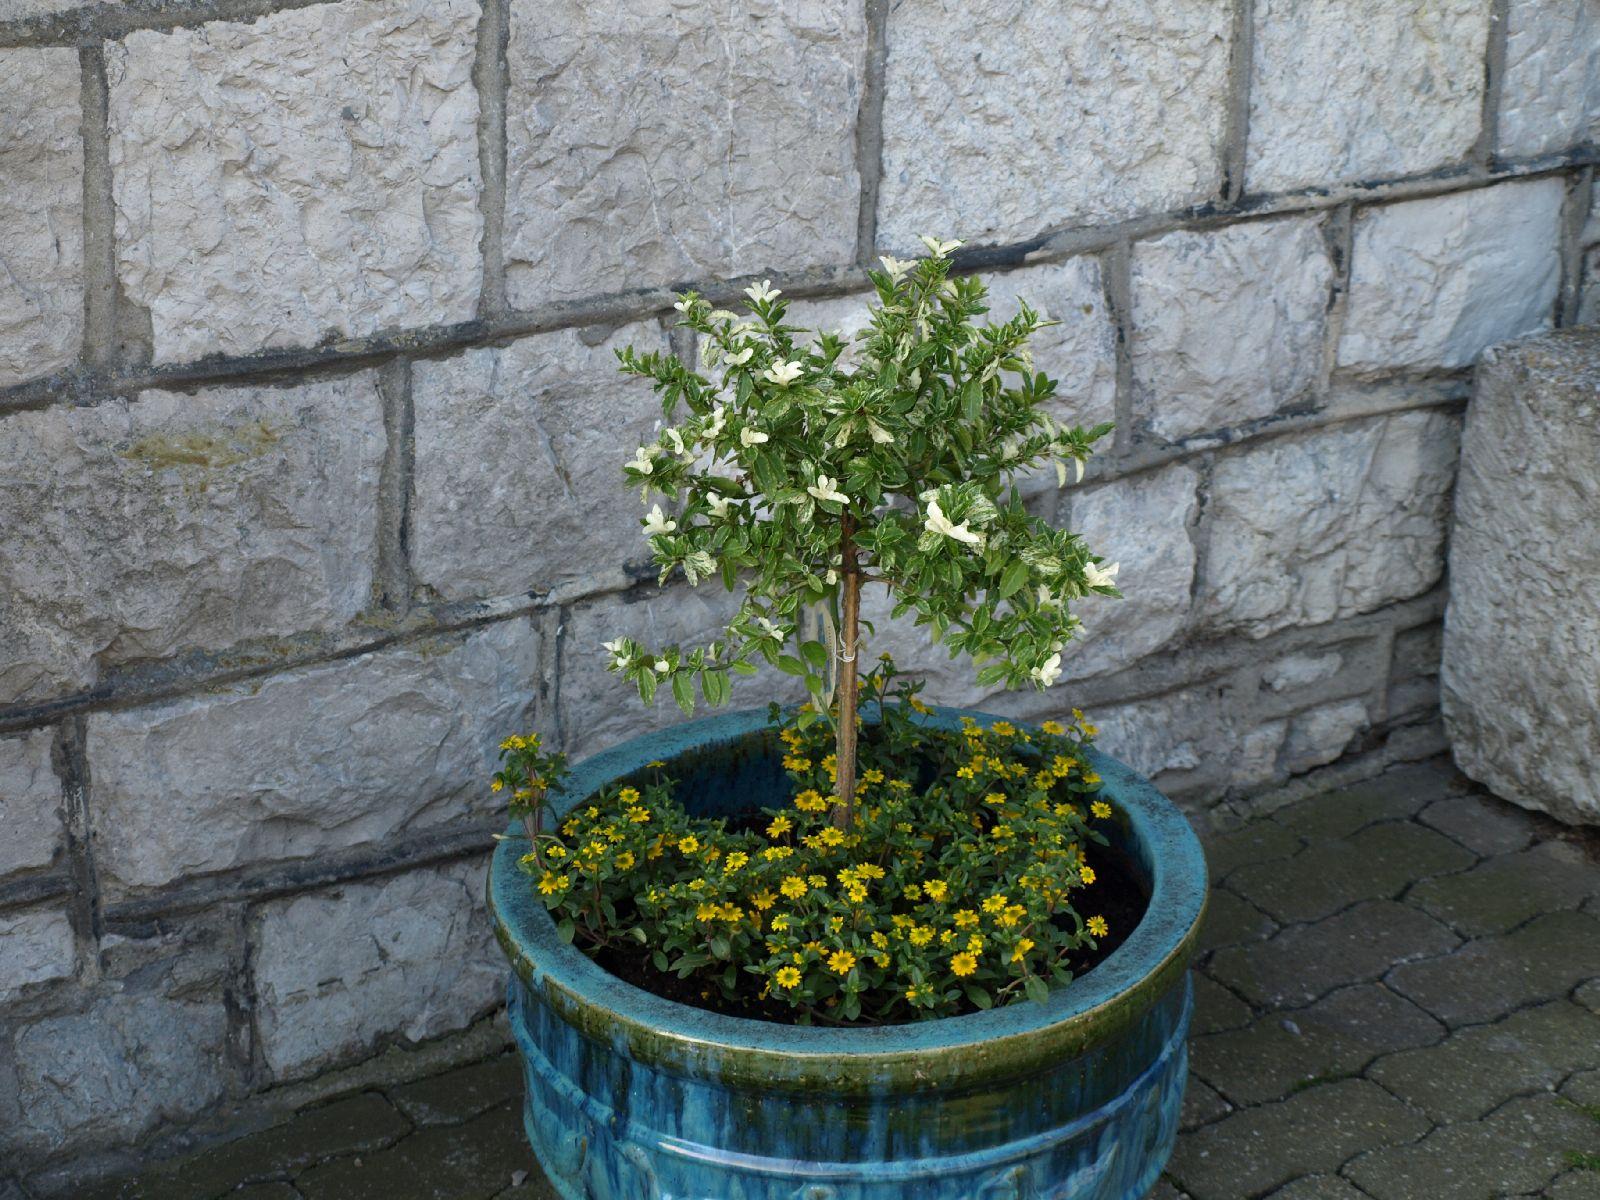 Pflanzen-Blumen-Foto_Textur_B_P6153447